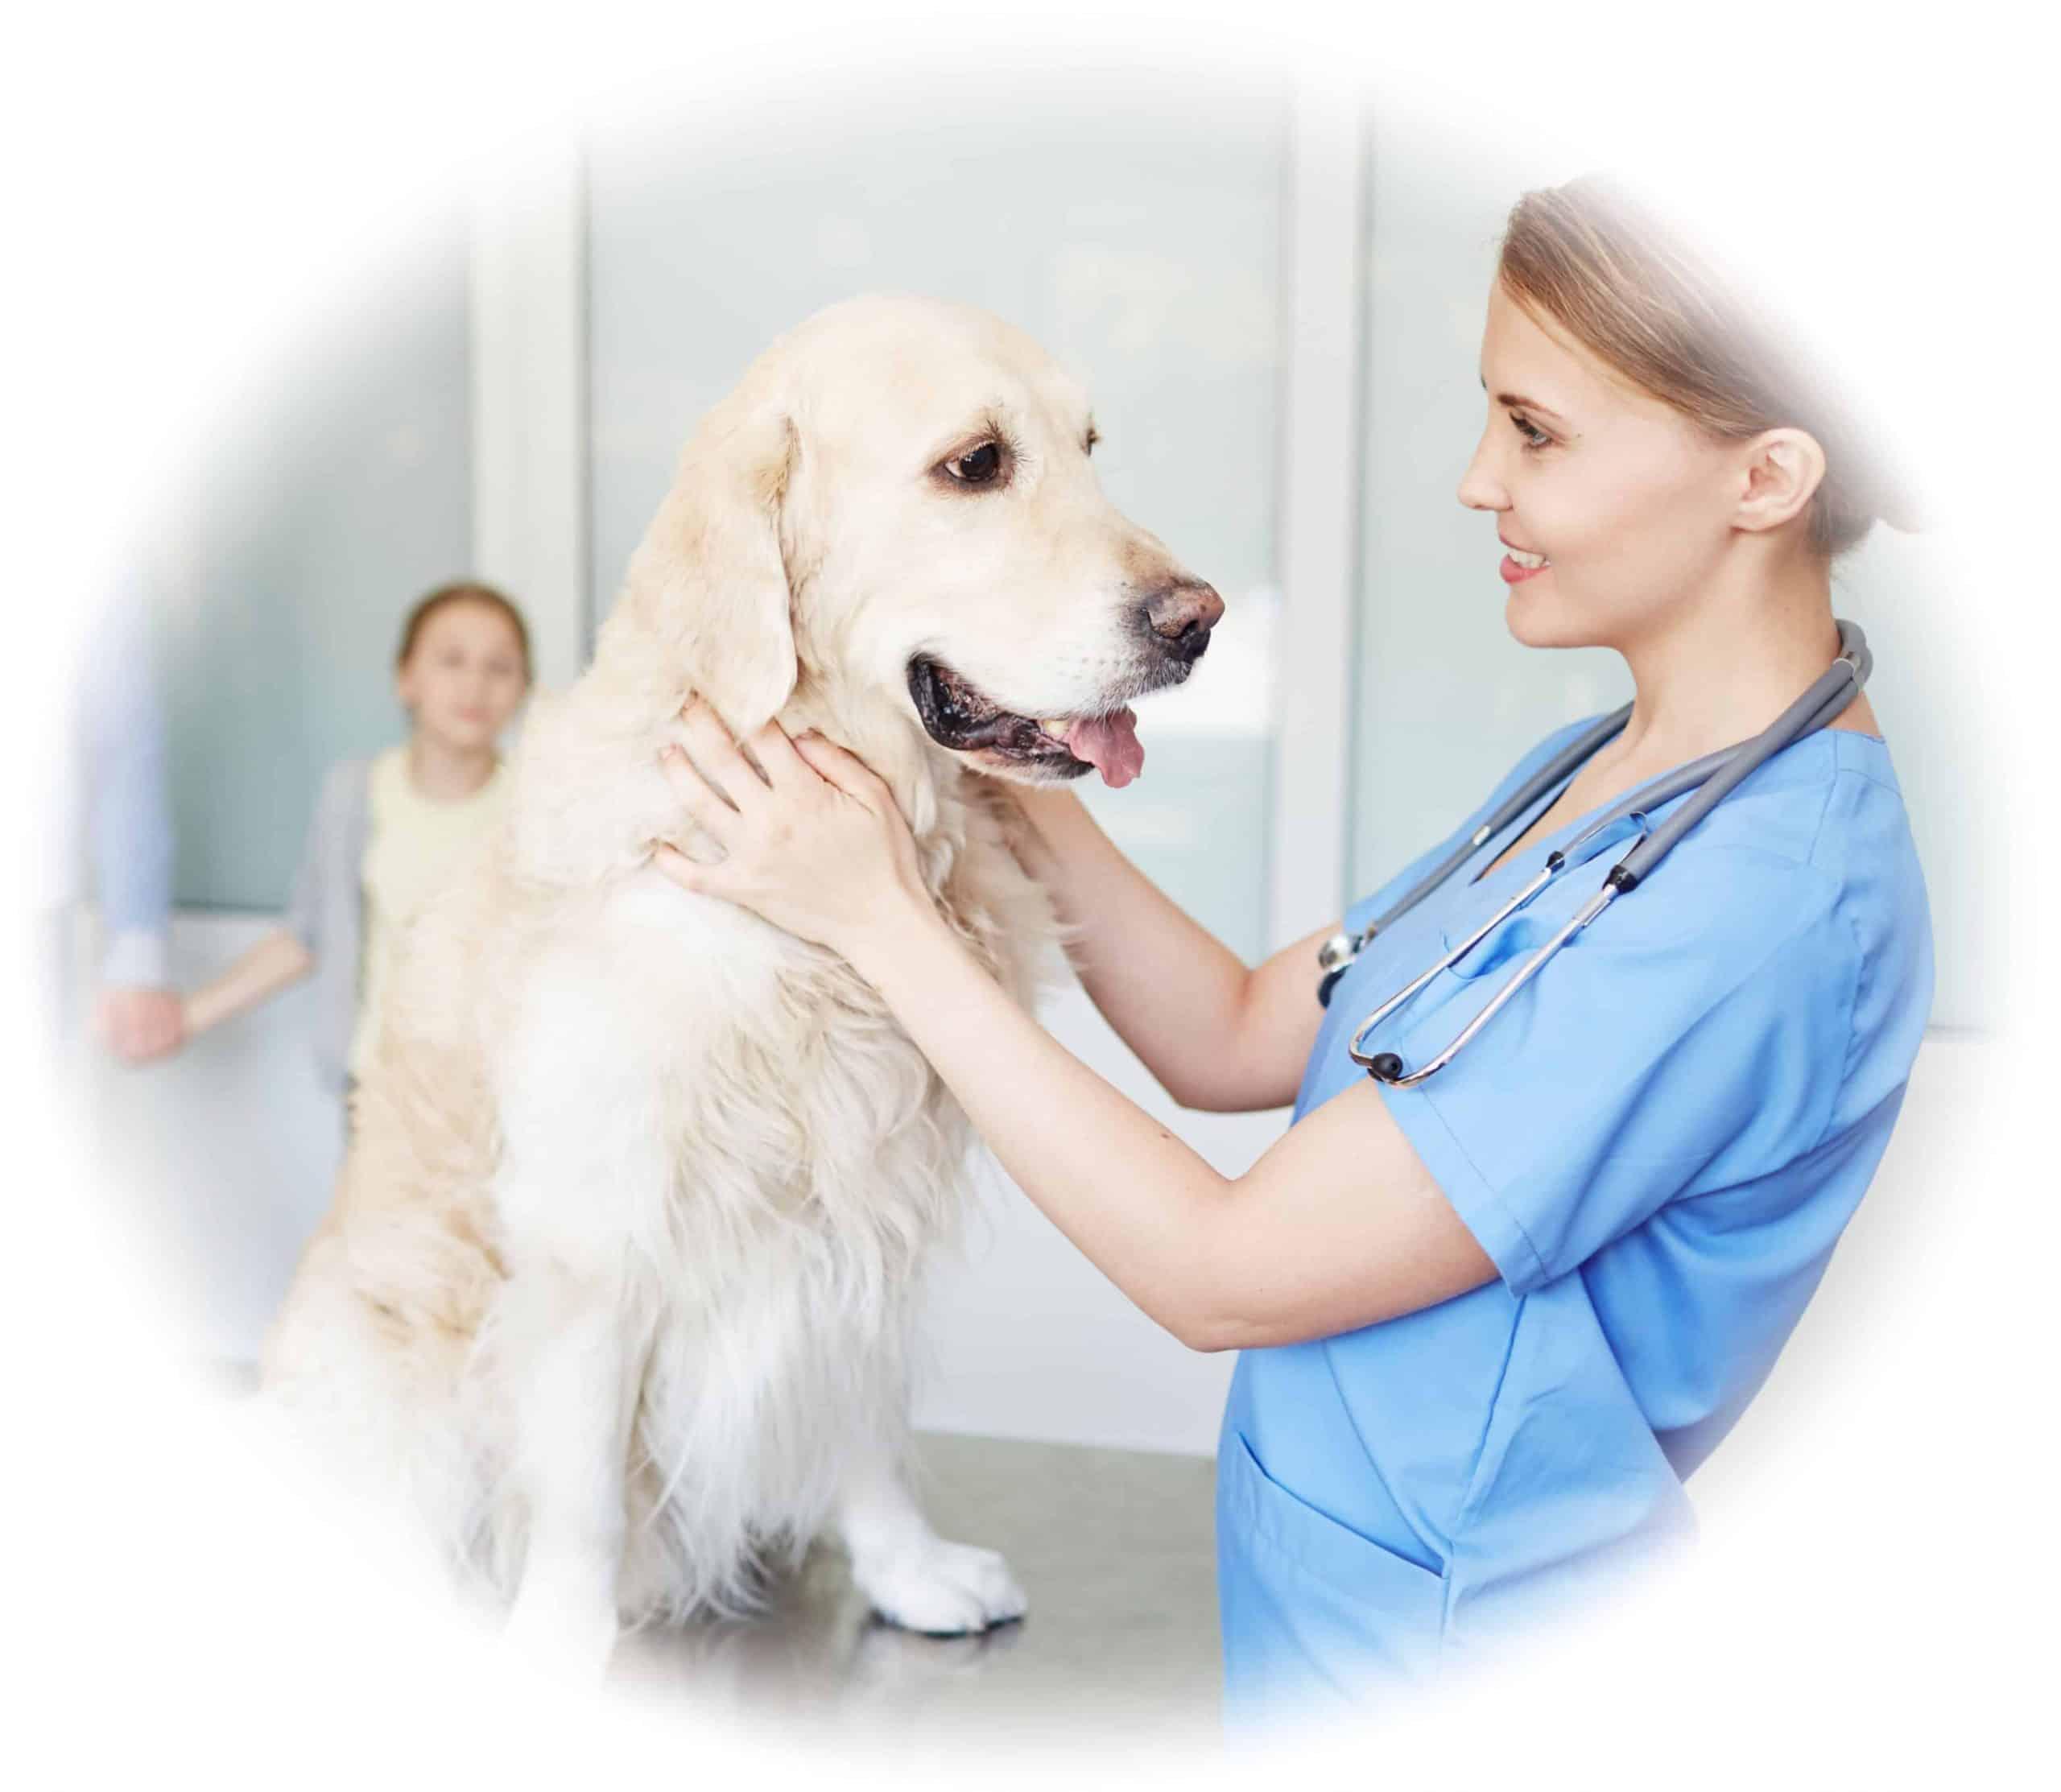 Vet Nurse School - become a vet nurse